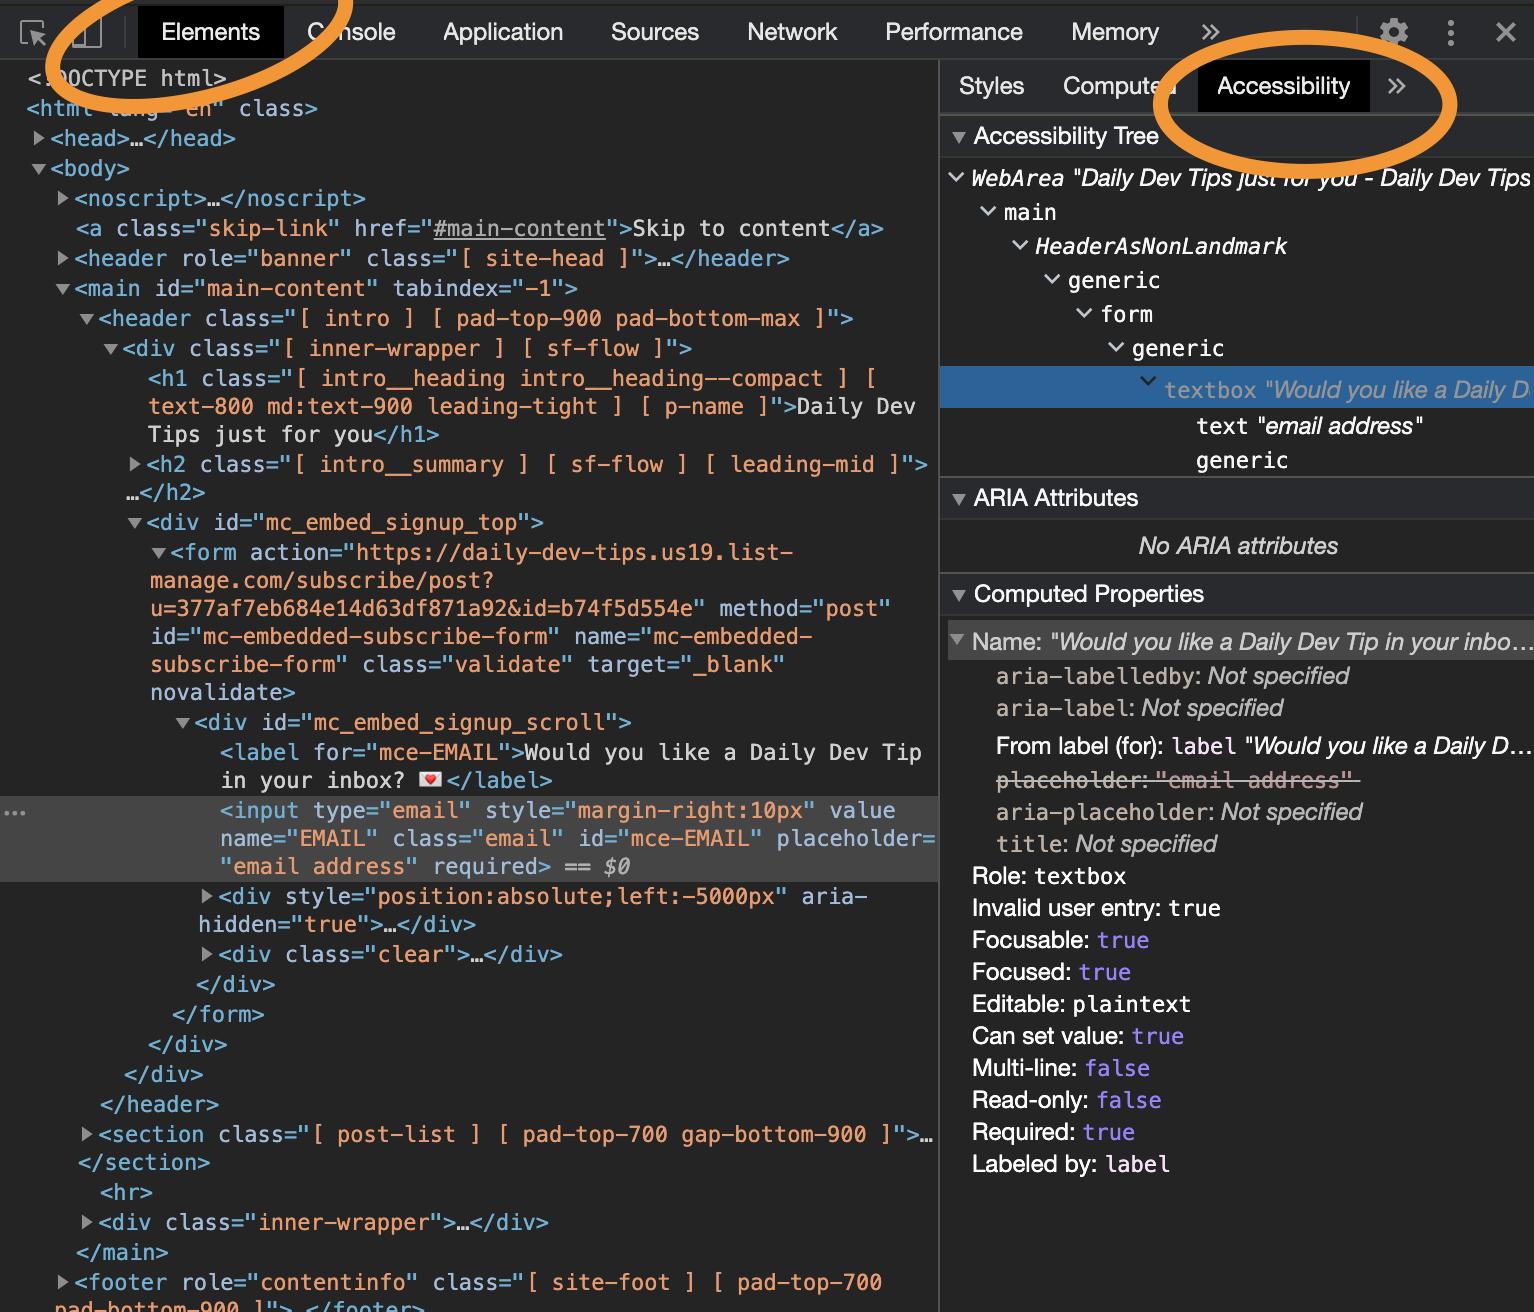 Chrome accessibility inspector